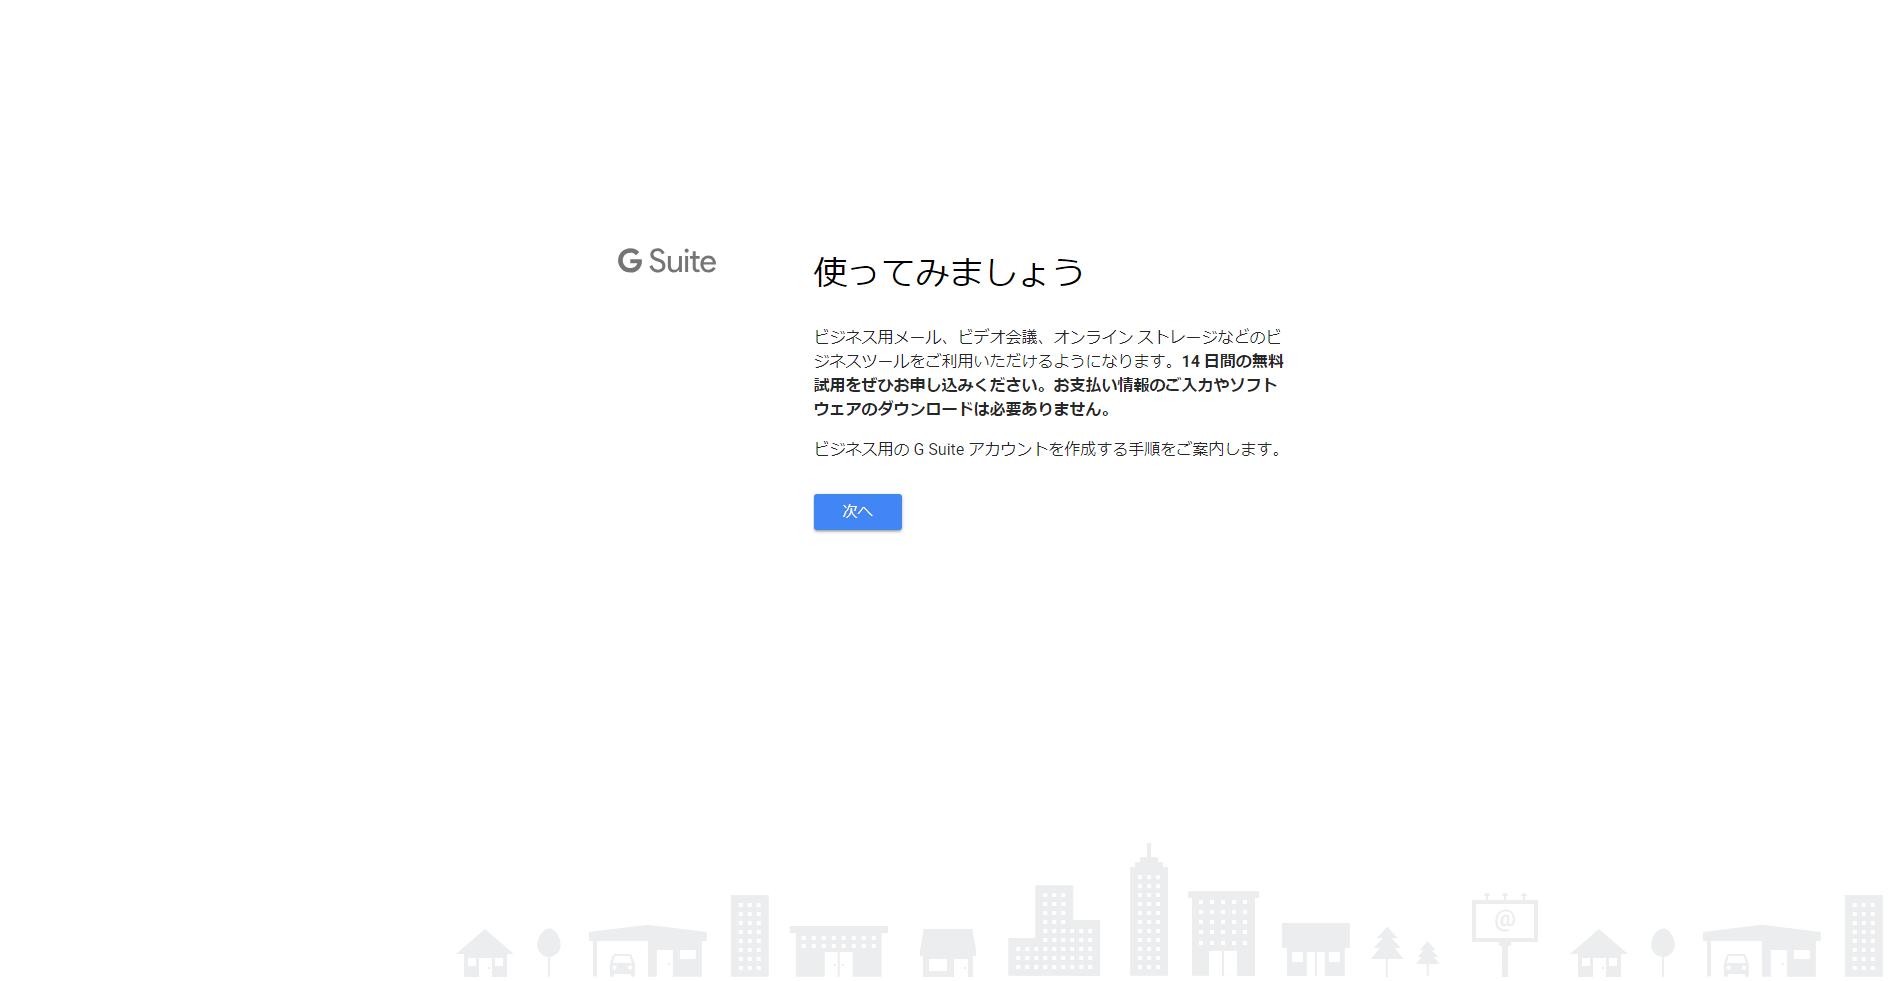 Suite アカウント g